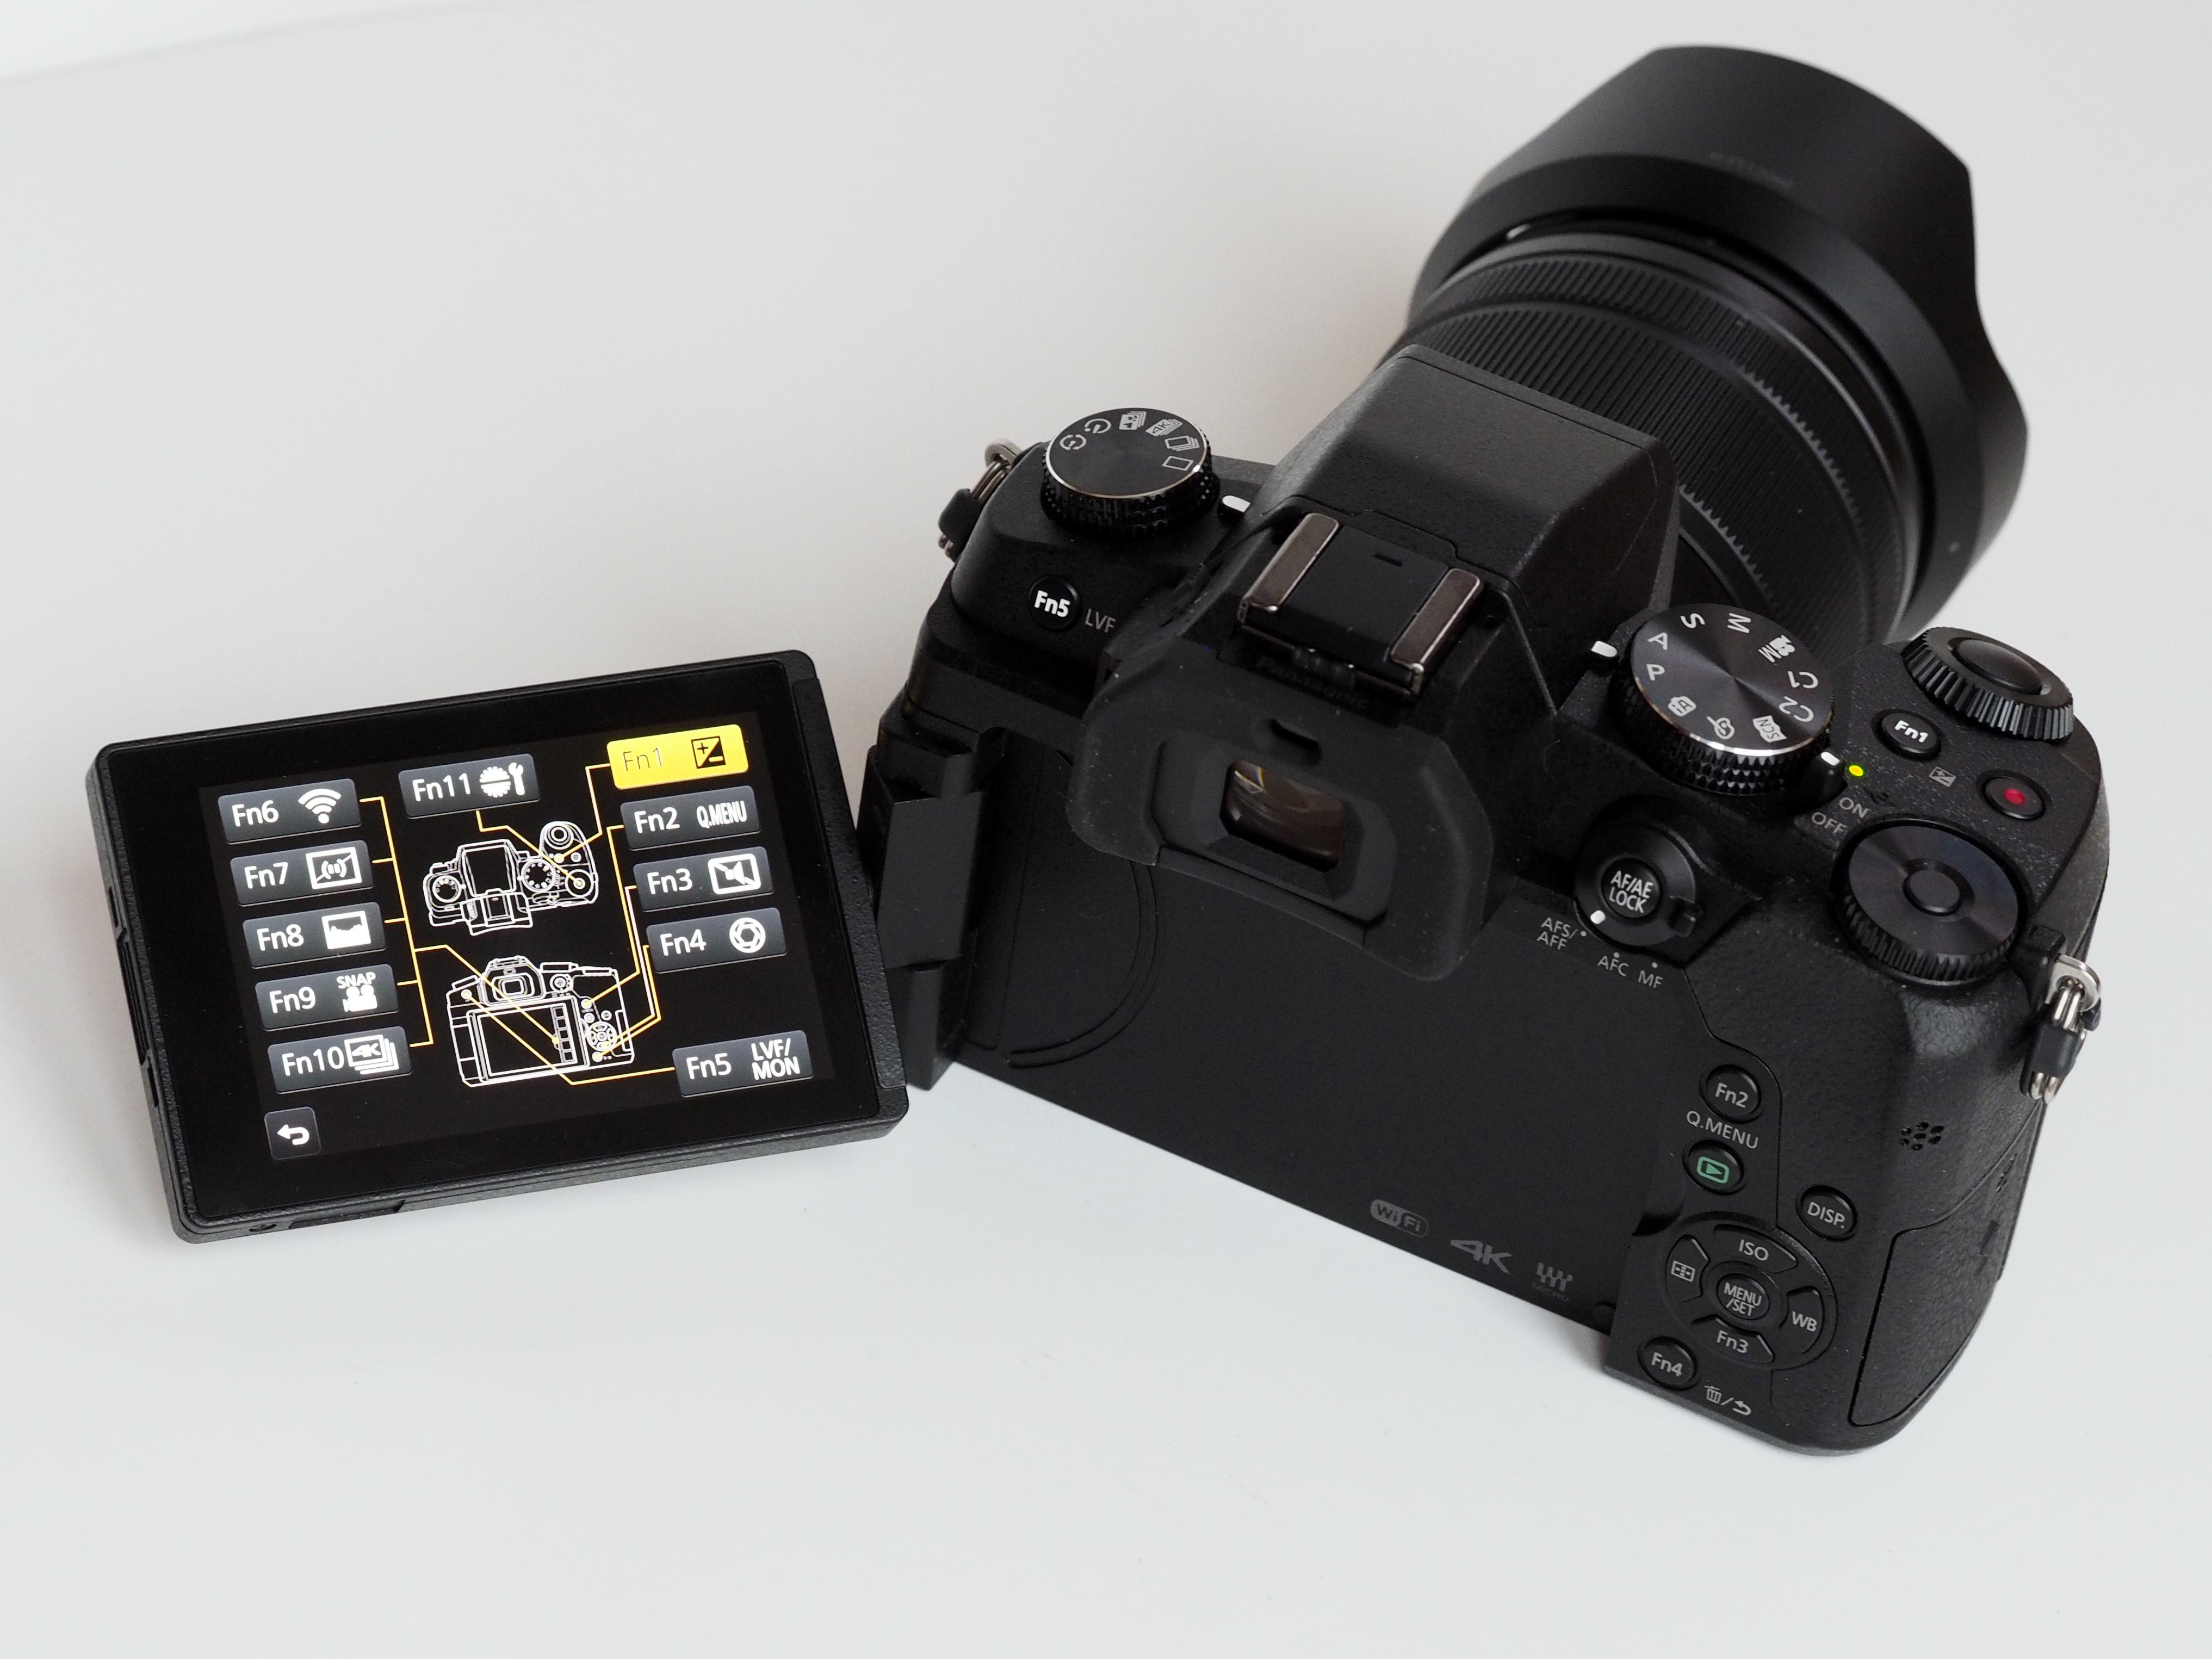 Vrid- och vändbar pekskärm är användarvänligt, särskilt när man filmar.